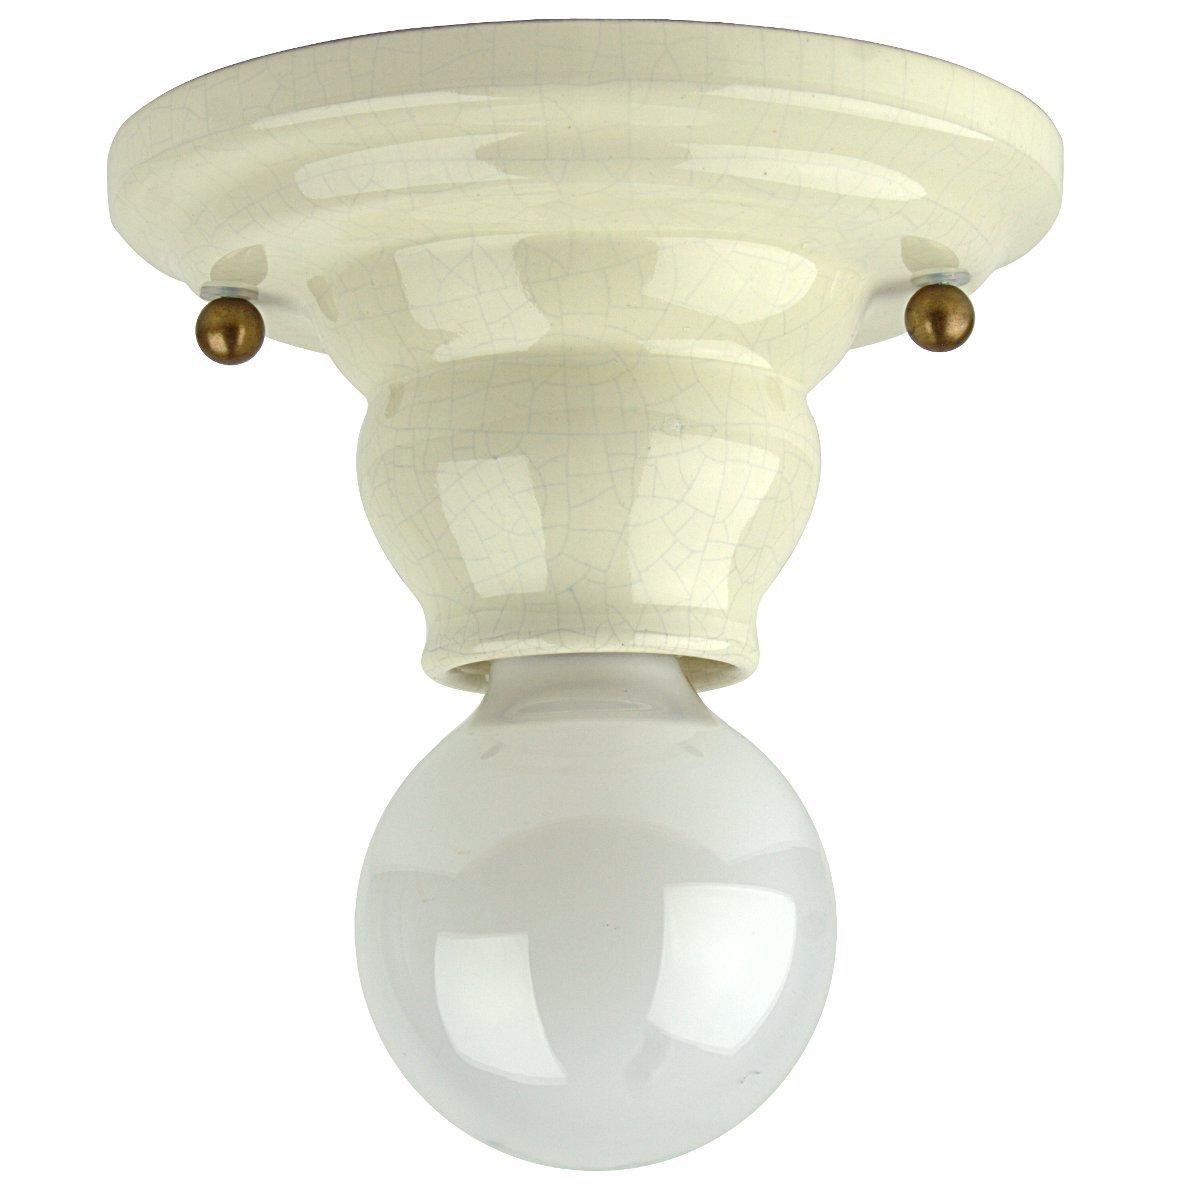 Lampen Landhausstil Keramik Leuchte Im Kaufen Gebraucht: Kleine Keramik-Deckenlampe Im Landhausstil Von Signa